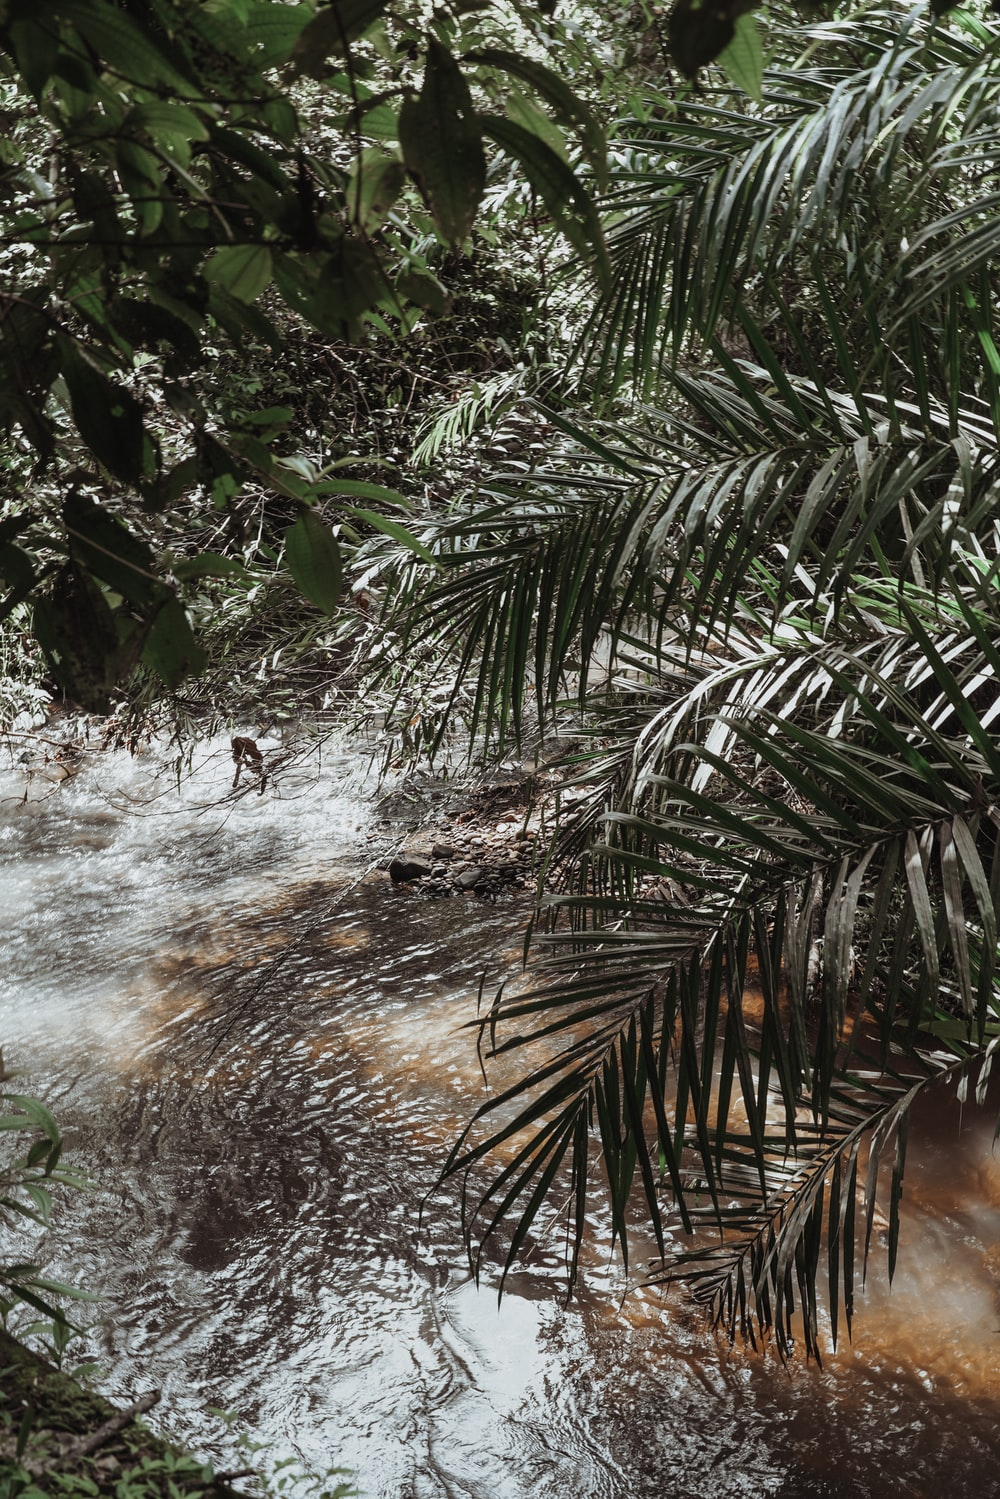 green palm tree near water falls